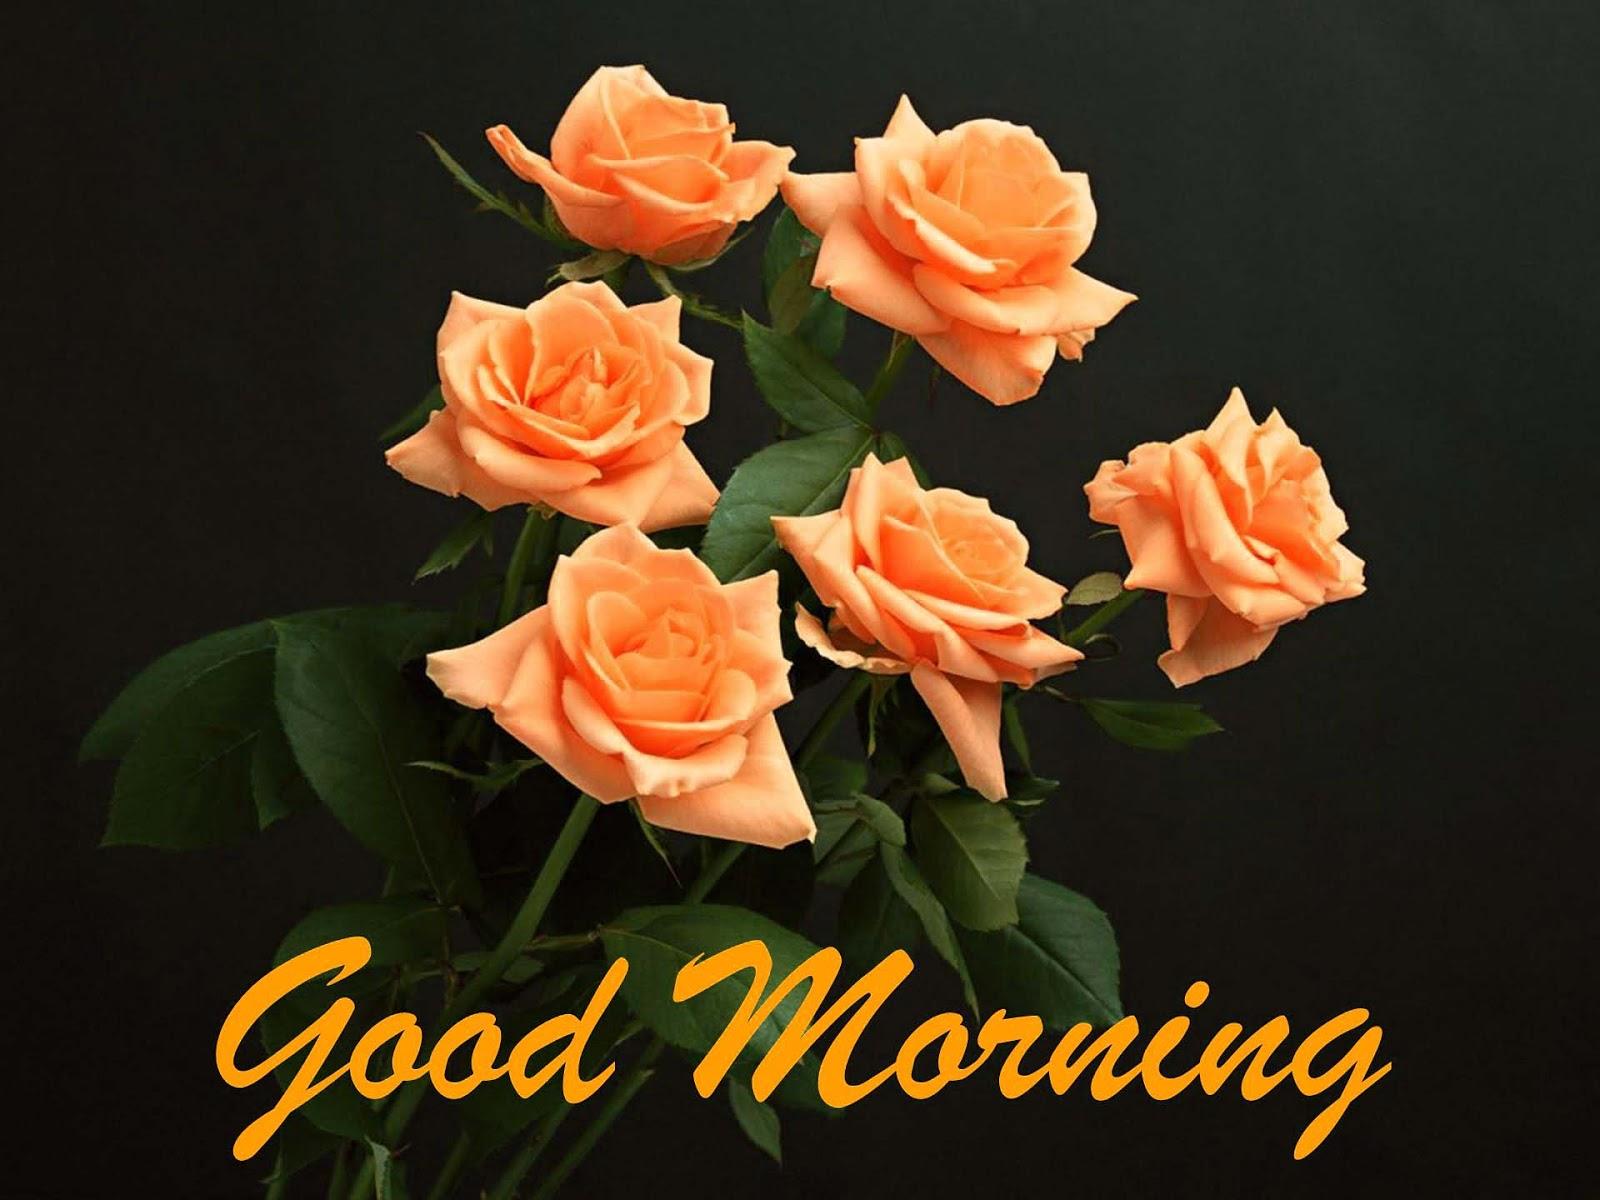 Good Morning Orange Flowers : Allfreshwallpaper lovely and beautiful good morning